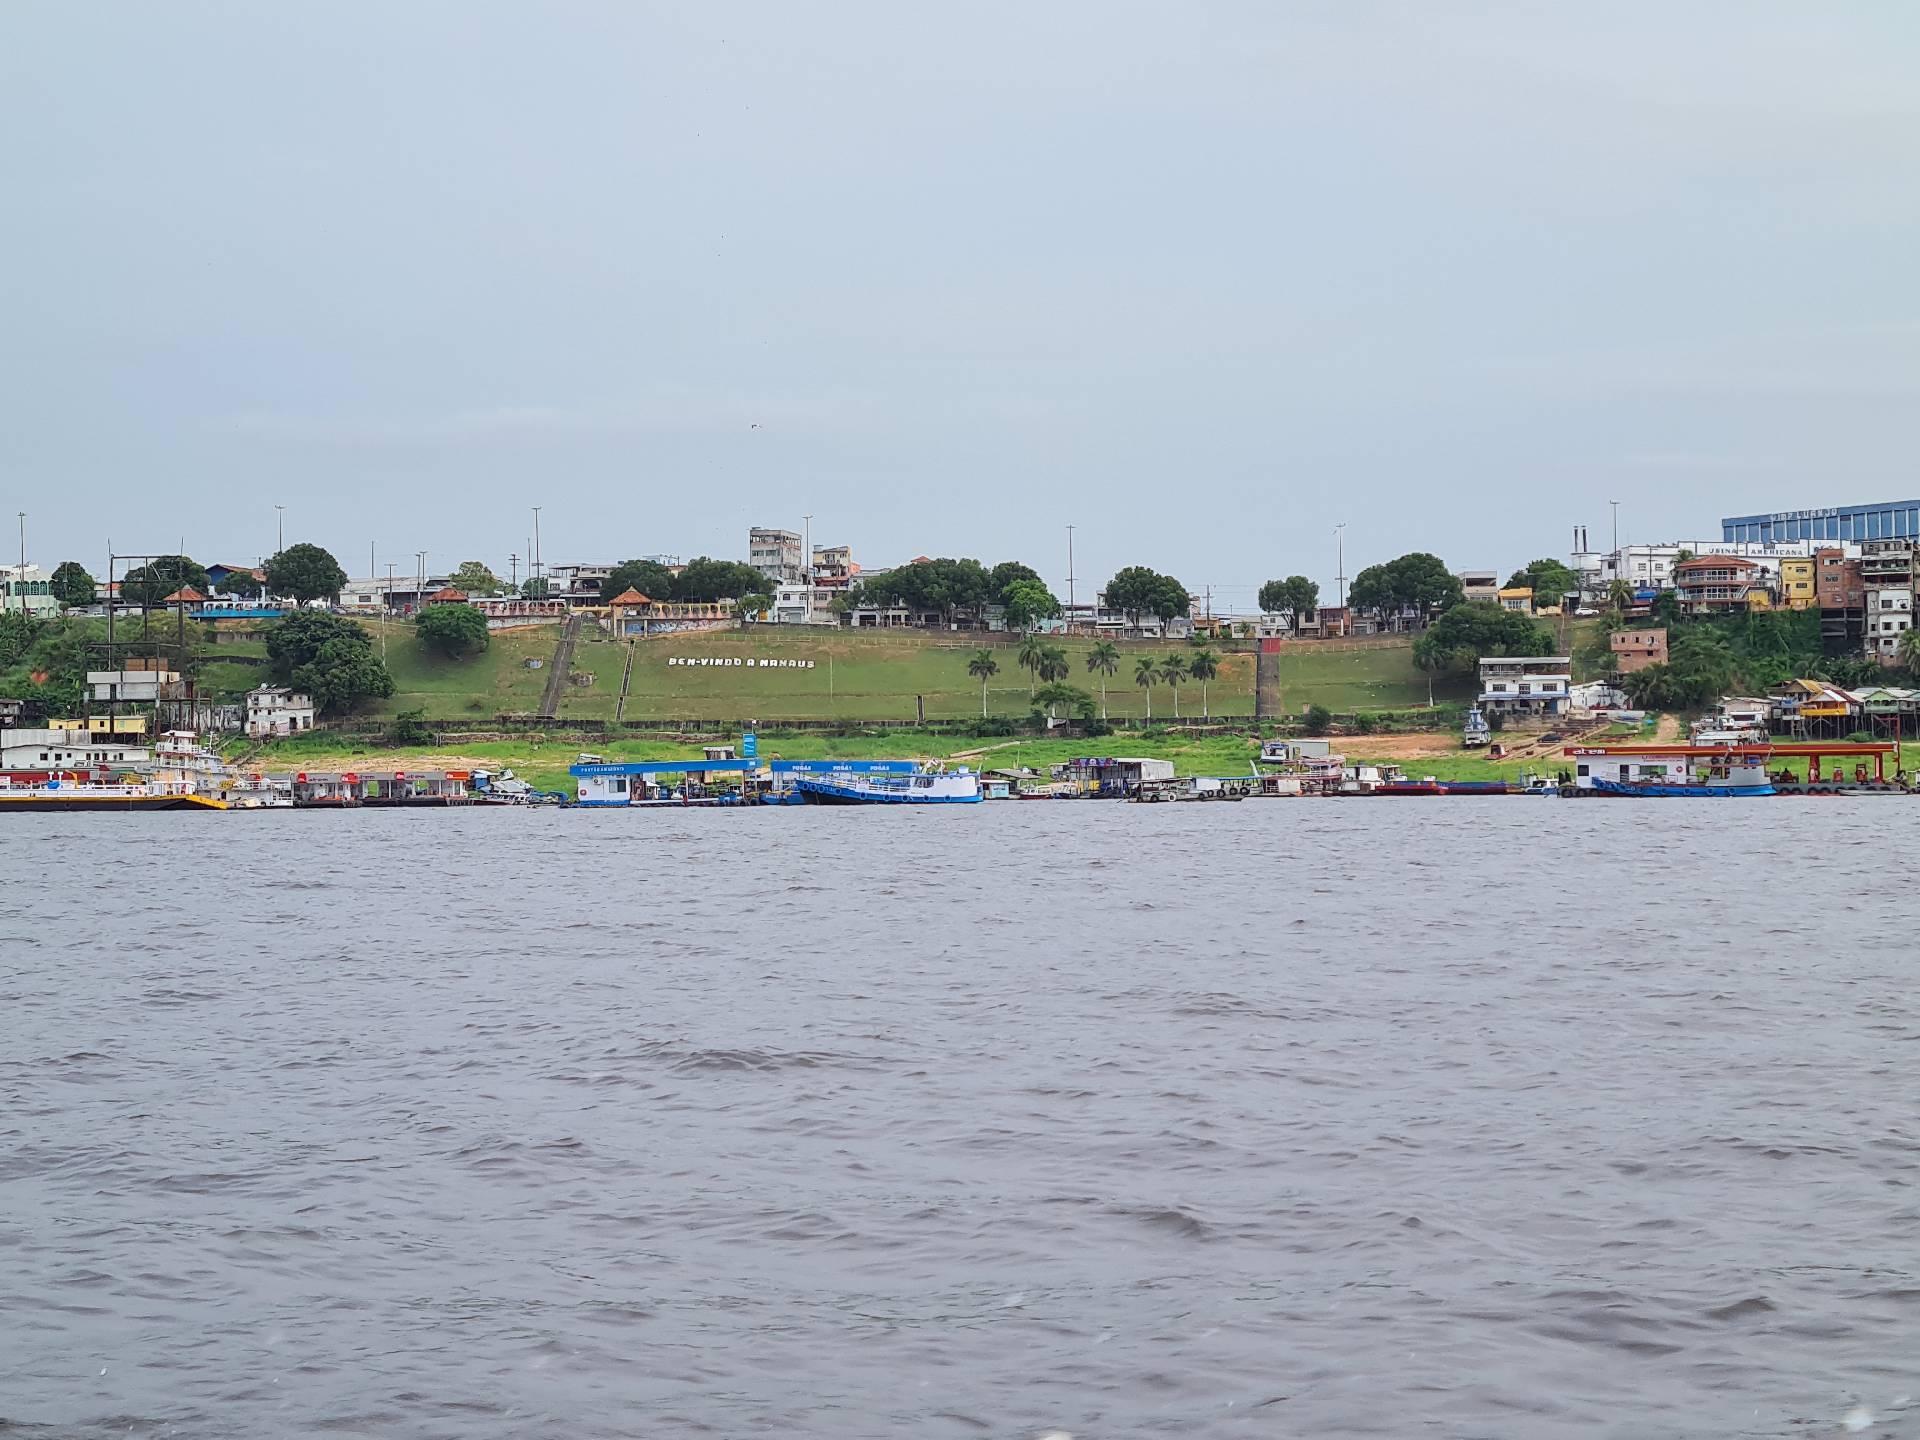 вид на Манаус и берег Амазонки с катера